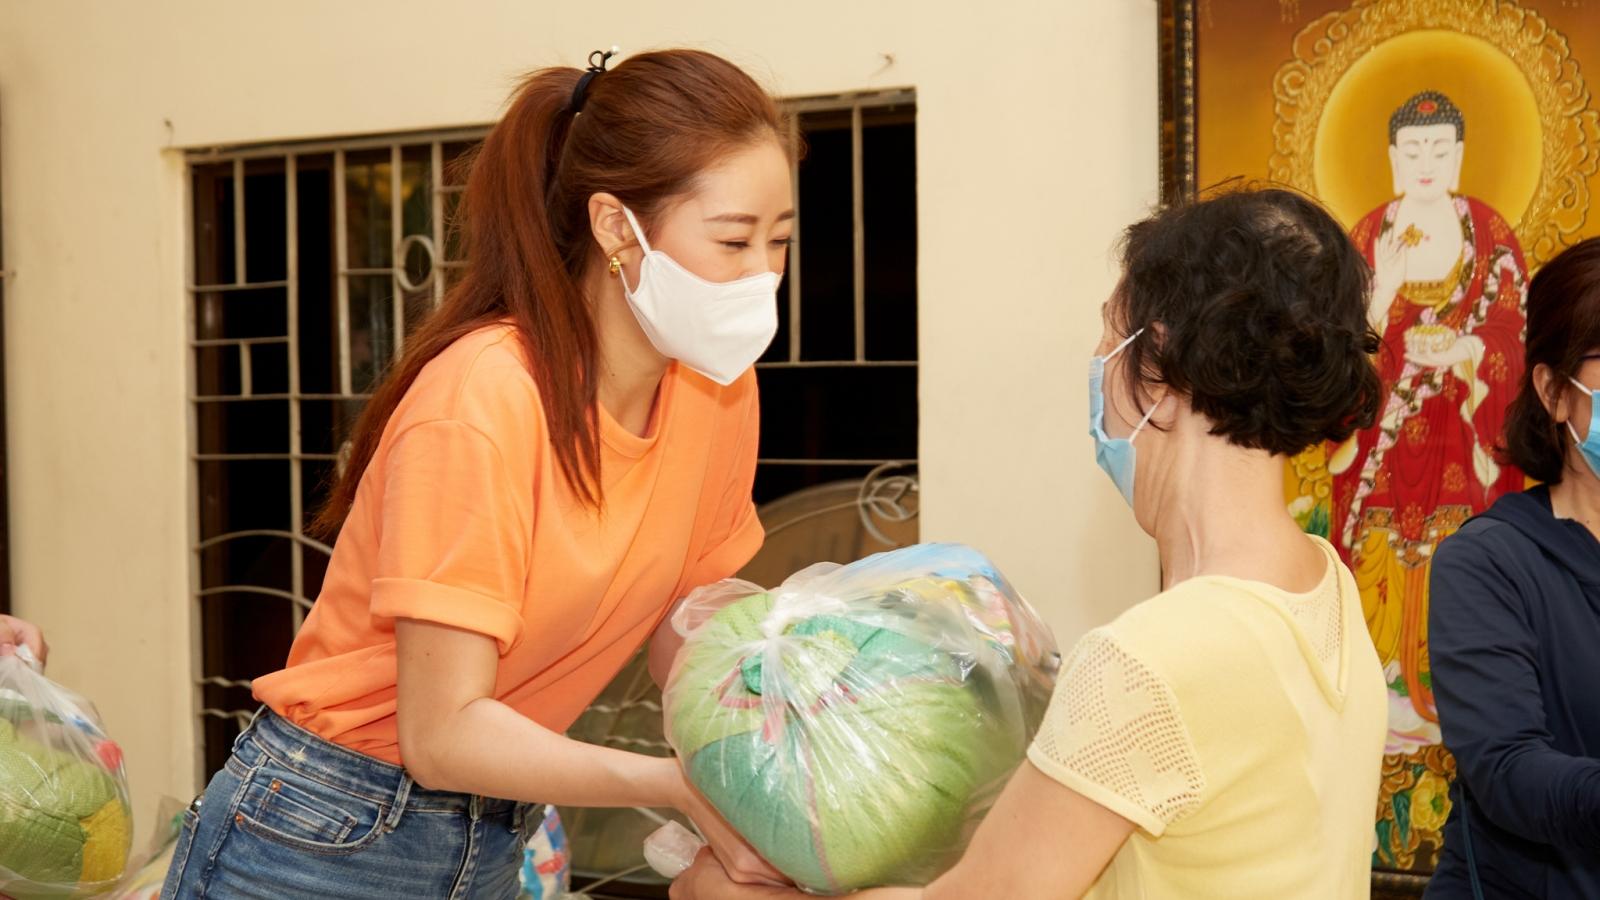 Hoa hậu Khánh Vân trao quà cho người dân có hoàn cảnh khó khăn dịp Tết Tân Sửu